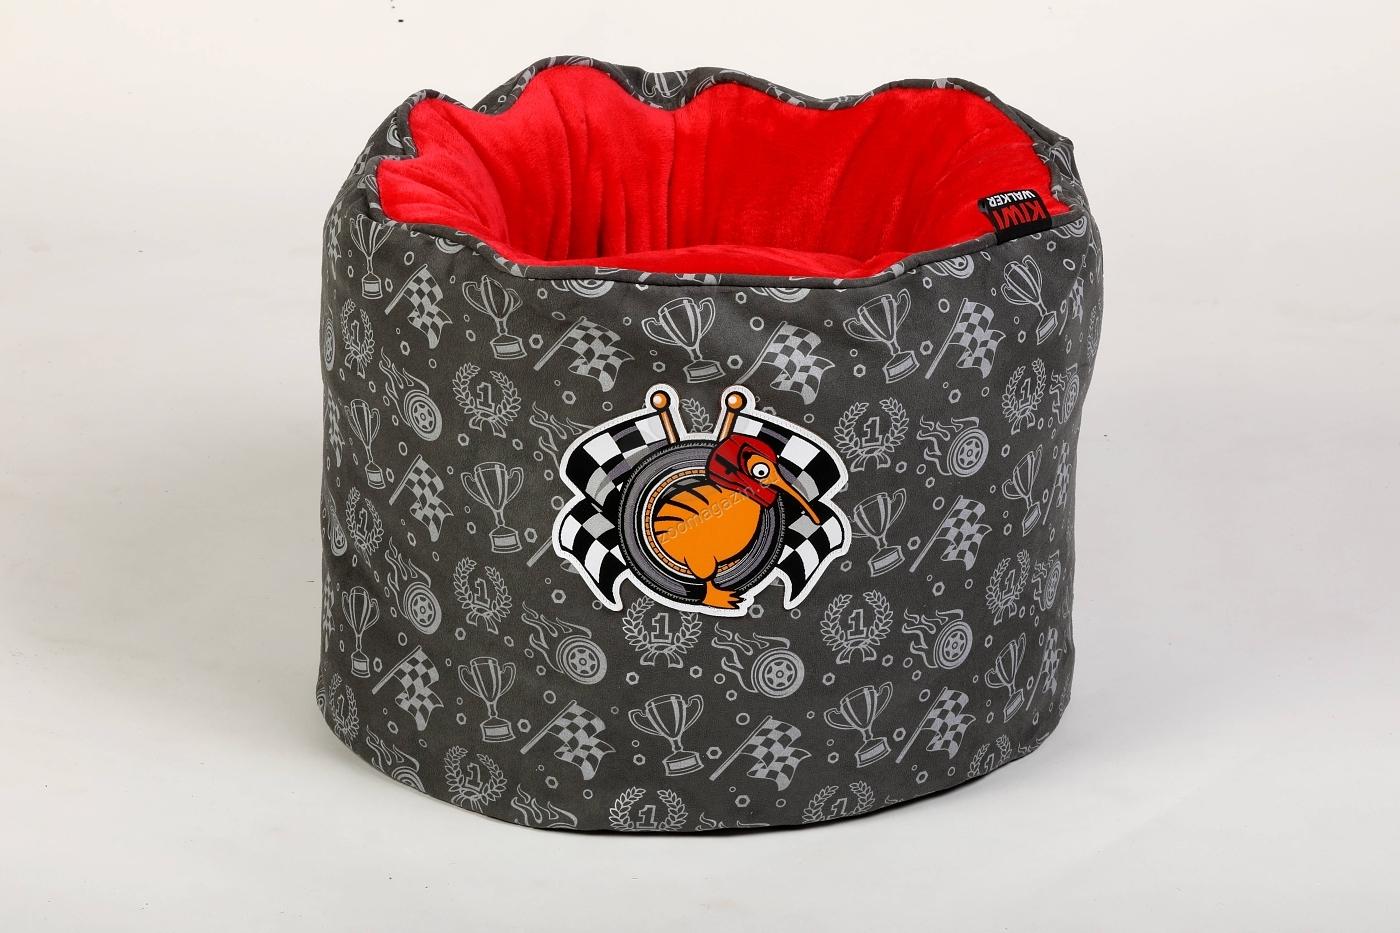 Kiwi Walker Bed Snuggle Nest Racer/Sailor - ортопедично легло с мемори пяна 45 / 45 / 35 см. / червен, син /